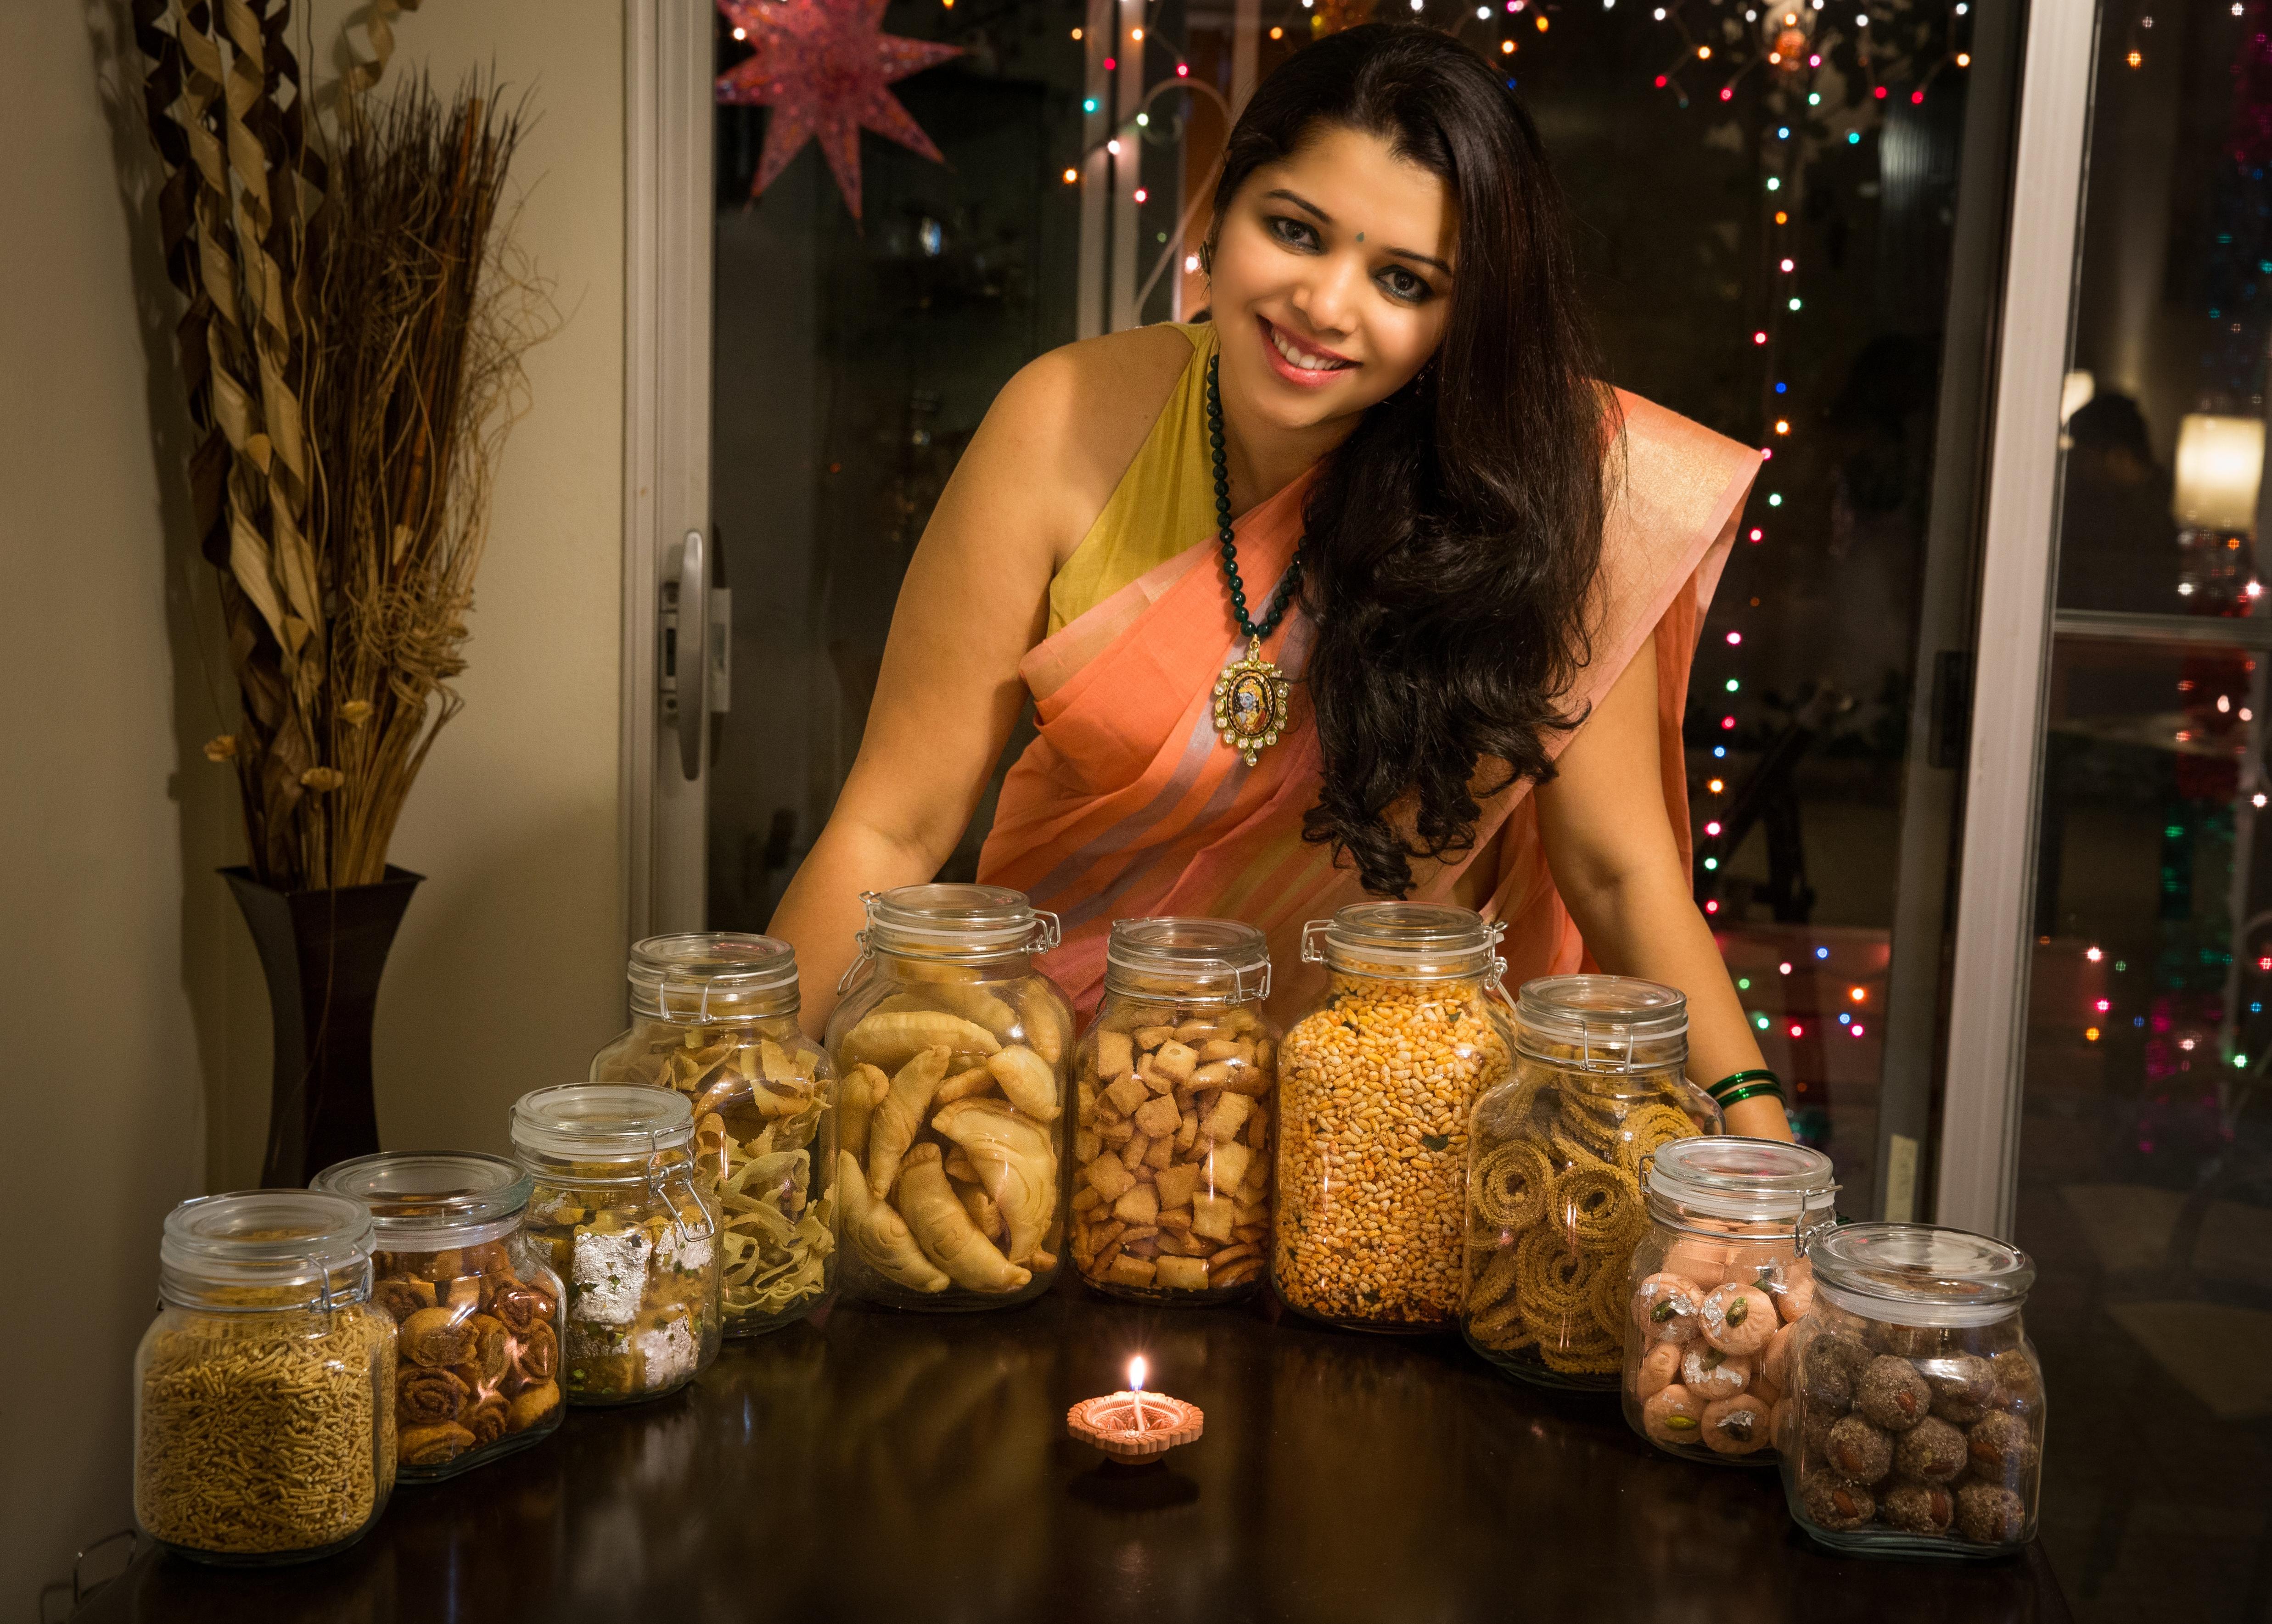 Diwali Faral, Diwali Recipes, Diwali Festival, Diwali delicacies